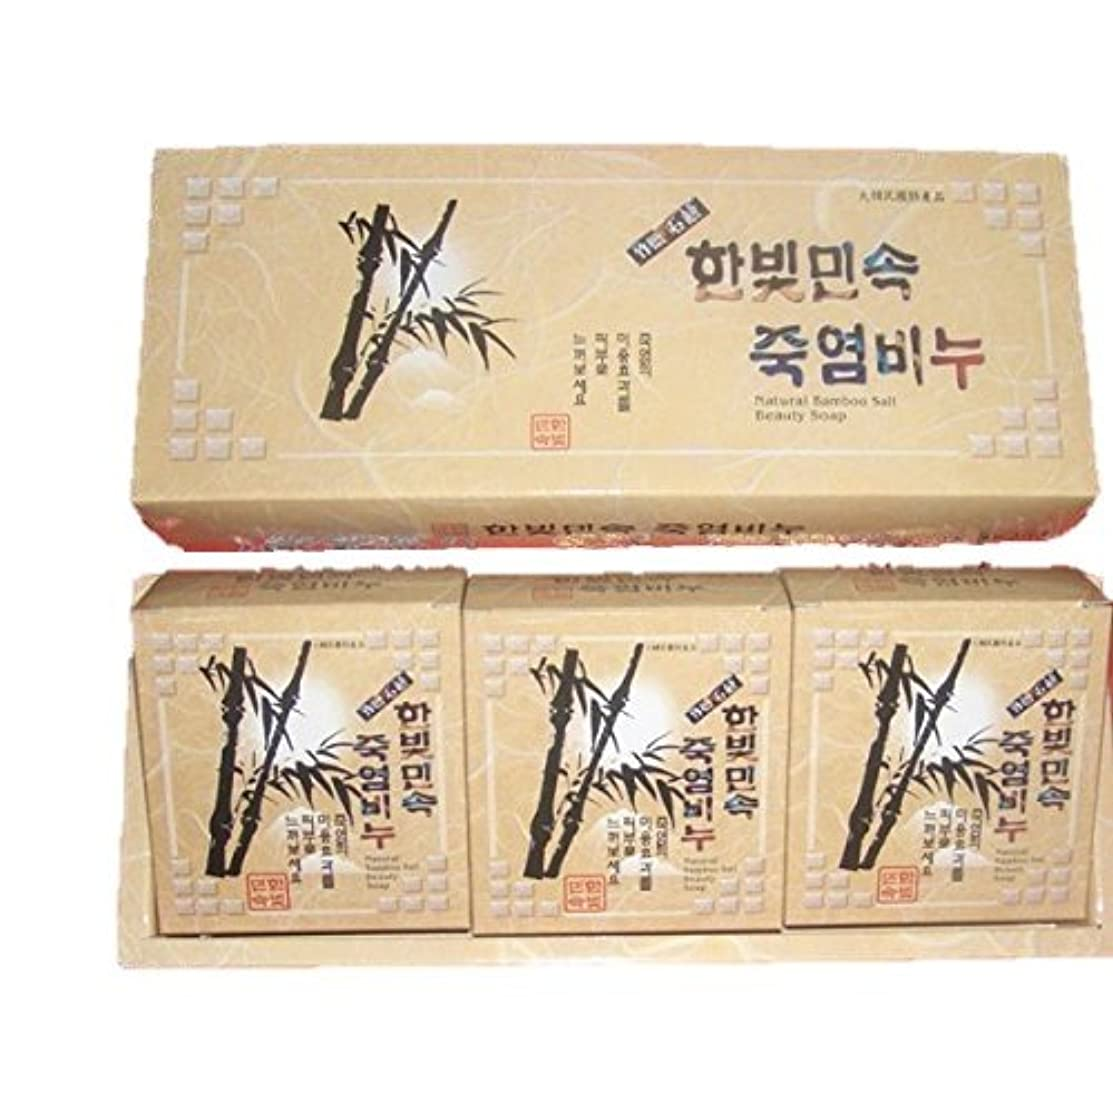 不正直牛肉広い(韓国ブランド) 竹塩石鹸 (3個×3セット)